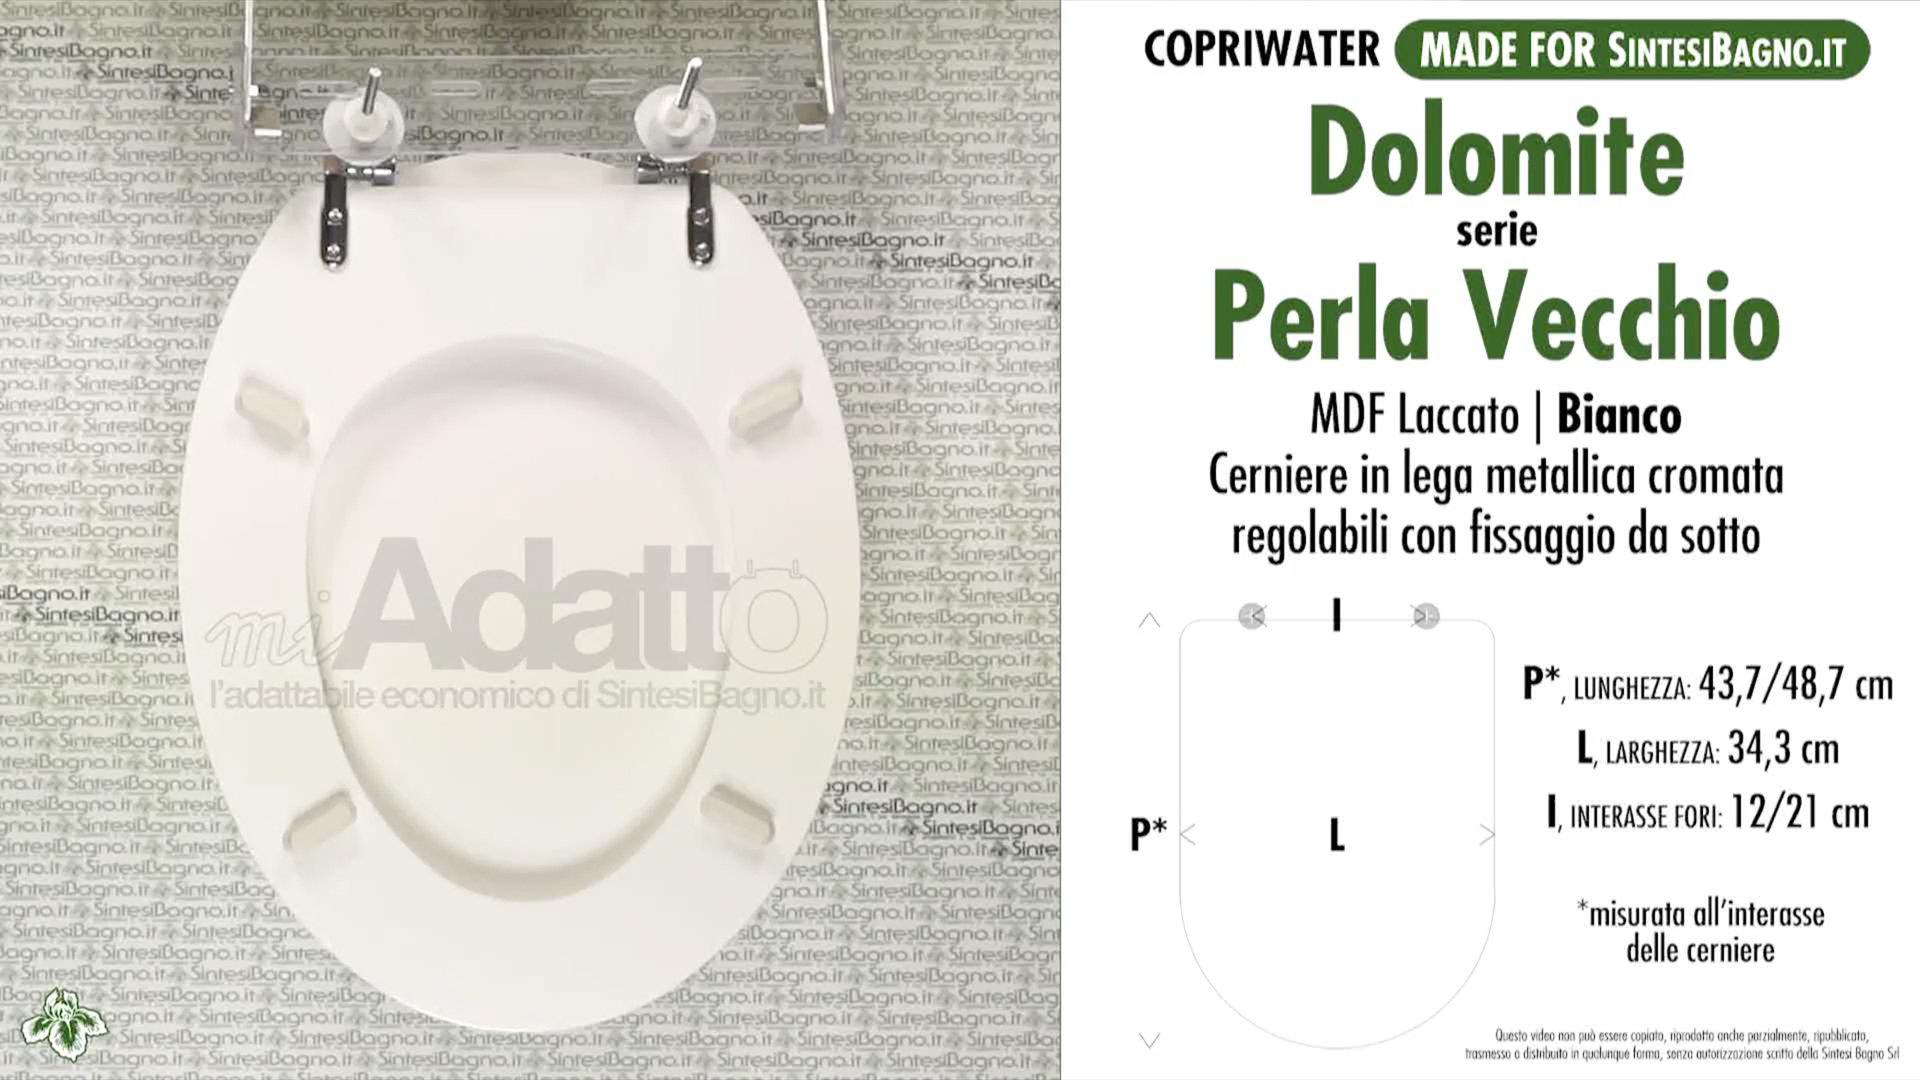 Sedile Wc Dolomite Perla.Copriwater Per Wc Perla Vecchio Classic Dolomite Tipo Adattabile